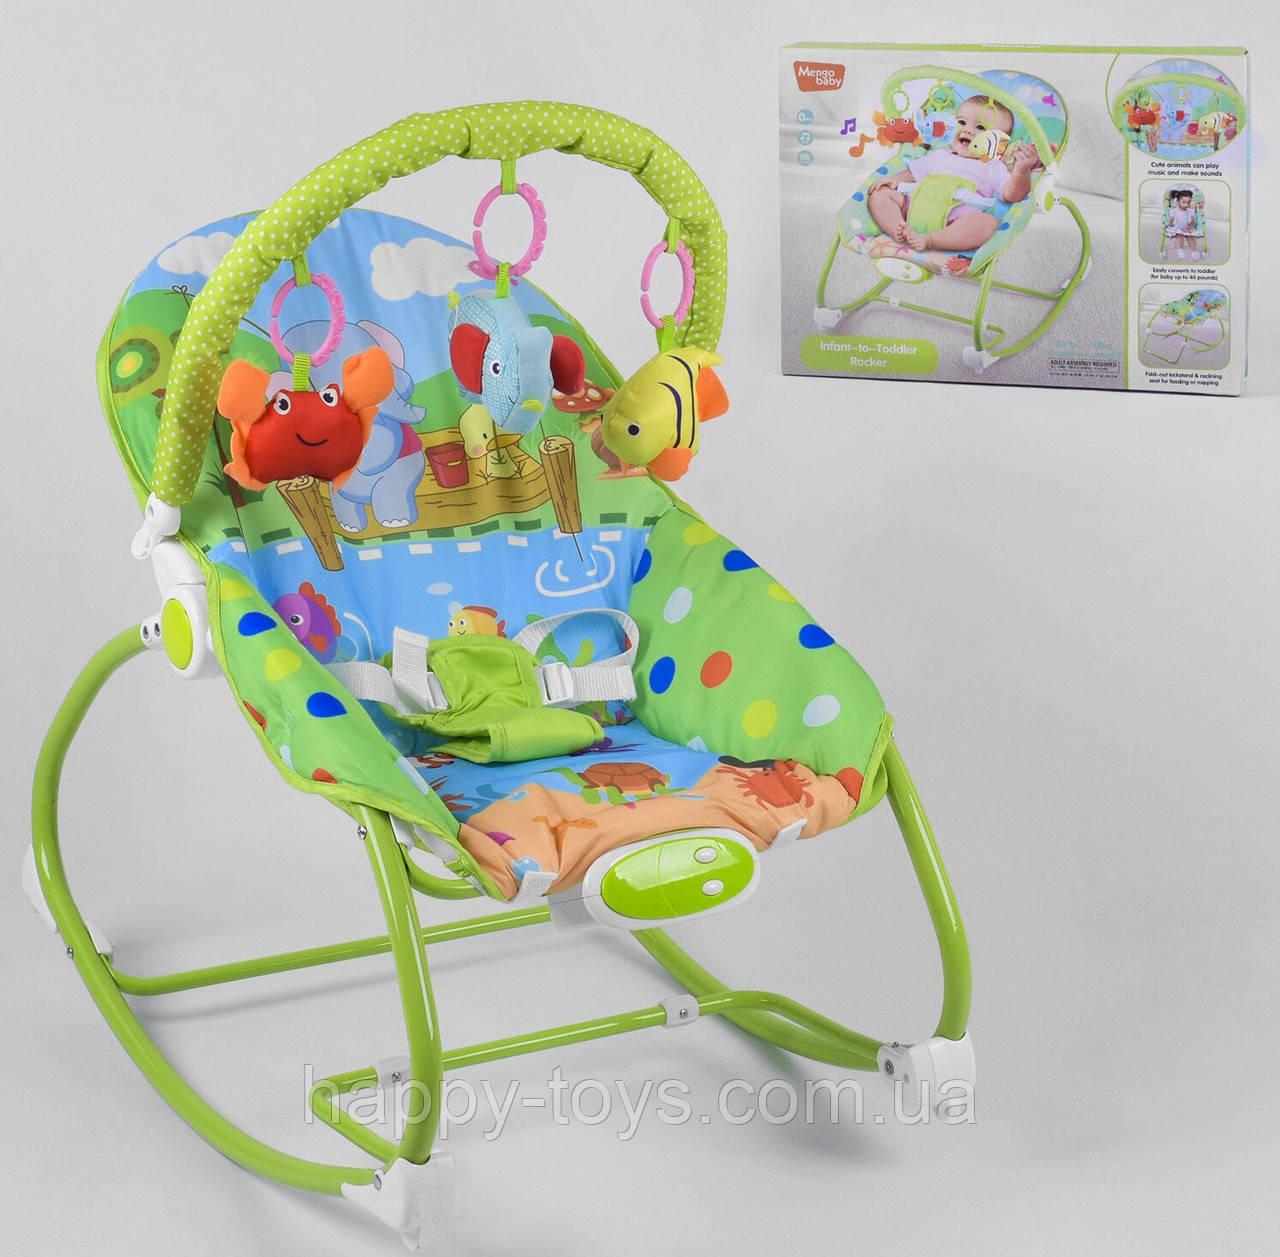 Детский шезлонг кресло качалка Рыбалка, цвет зеленый, музыкальный, вибрация 898-919